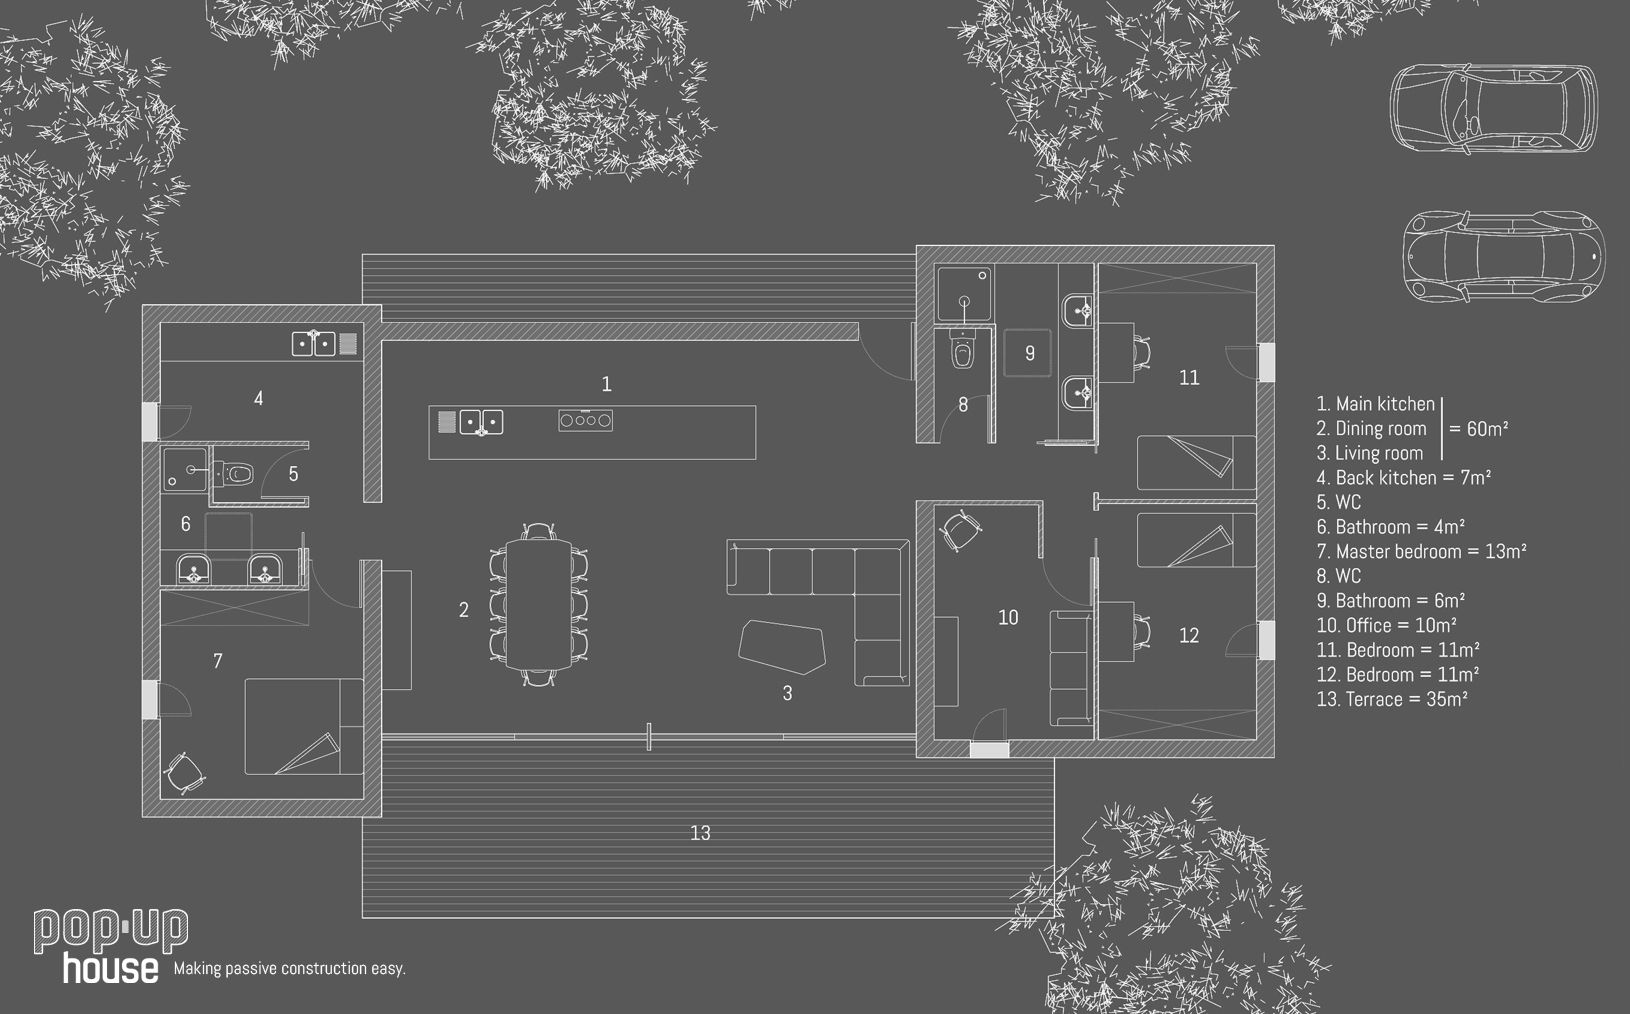 pop up house une maison monter en seulement 4 jours m6 house plans pinterest casa. Black Bedroom Furniture Sets. Home Design Ideas